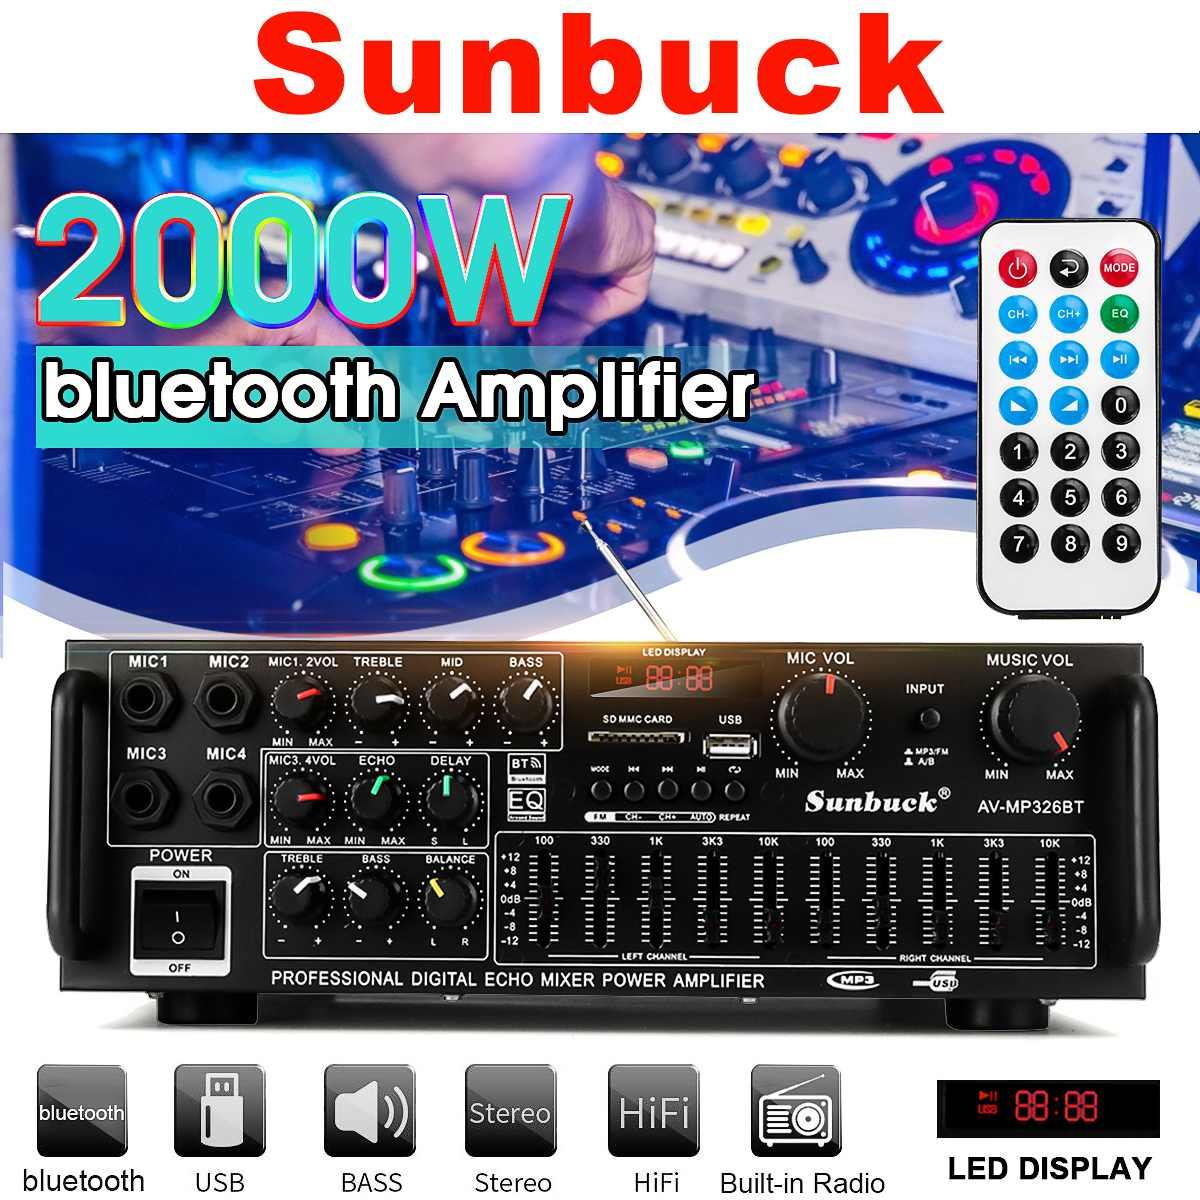 2000W 110 V/220 V 2 canales bluetooth inicio estéreo amplificador de Audio USB SD amplificadores remotos subwoofer amplificador